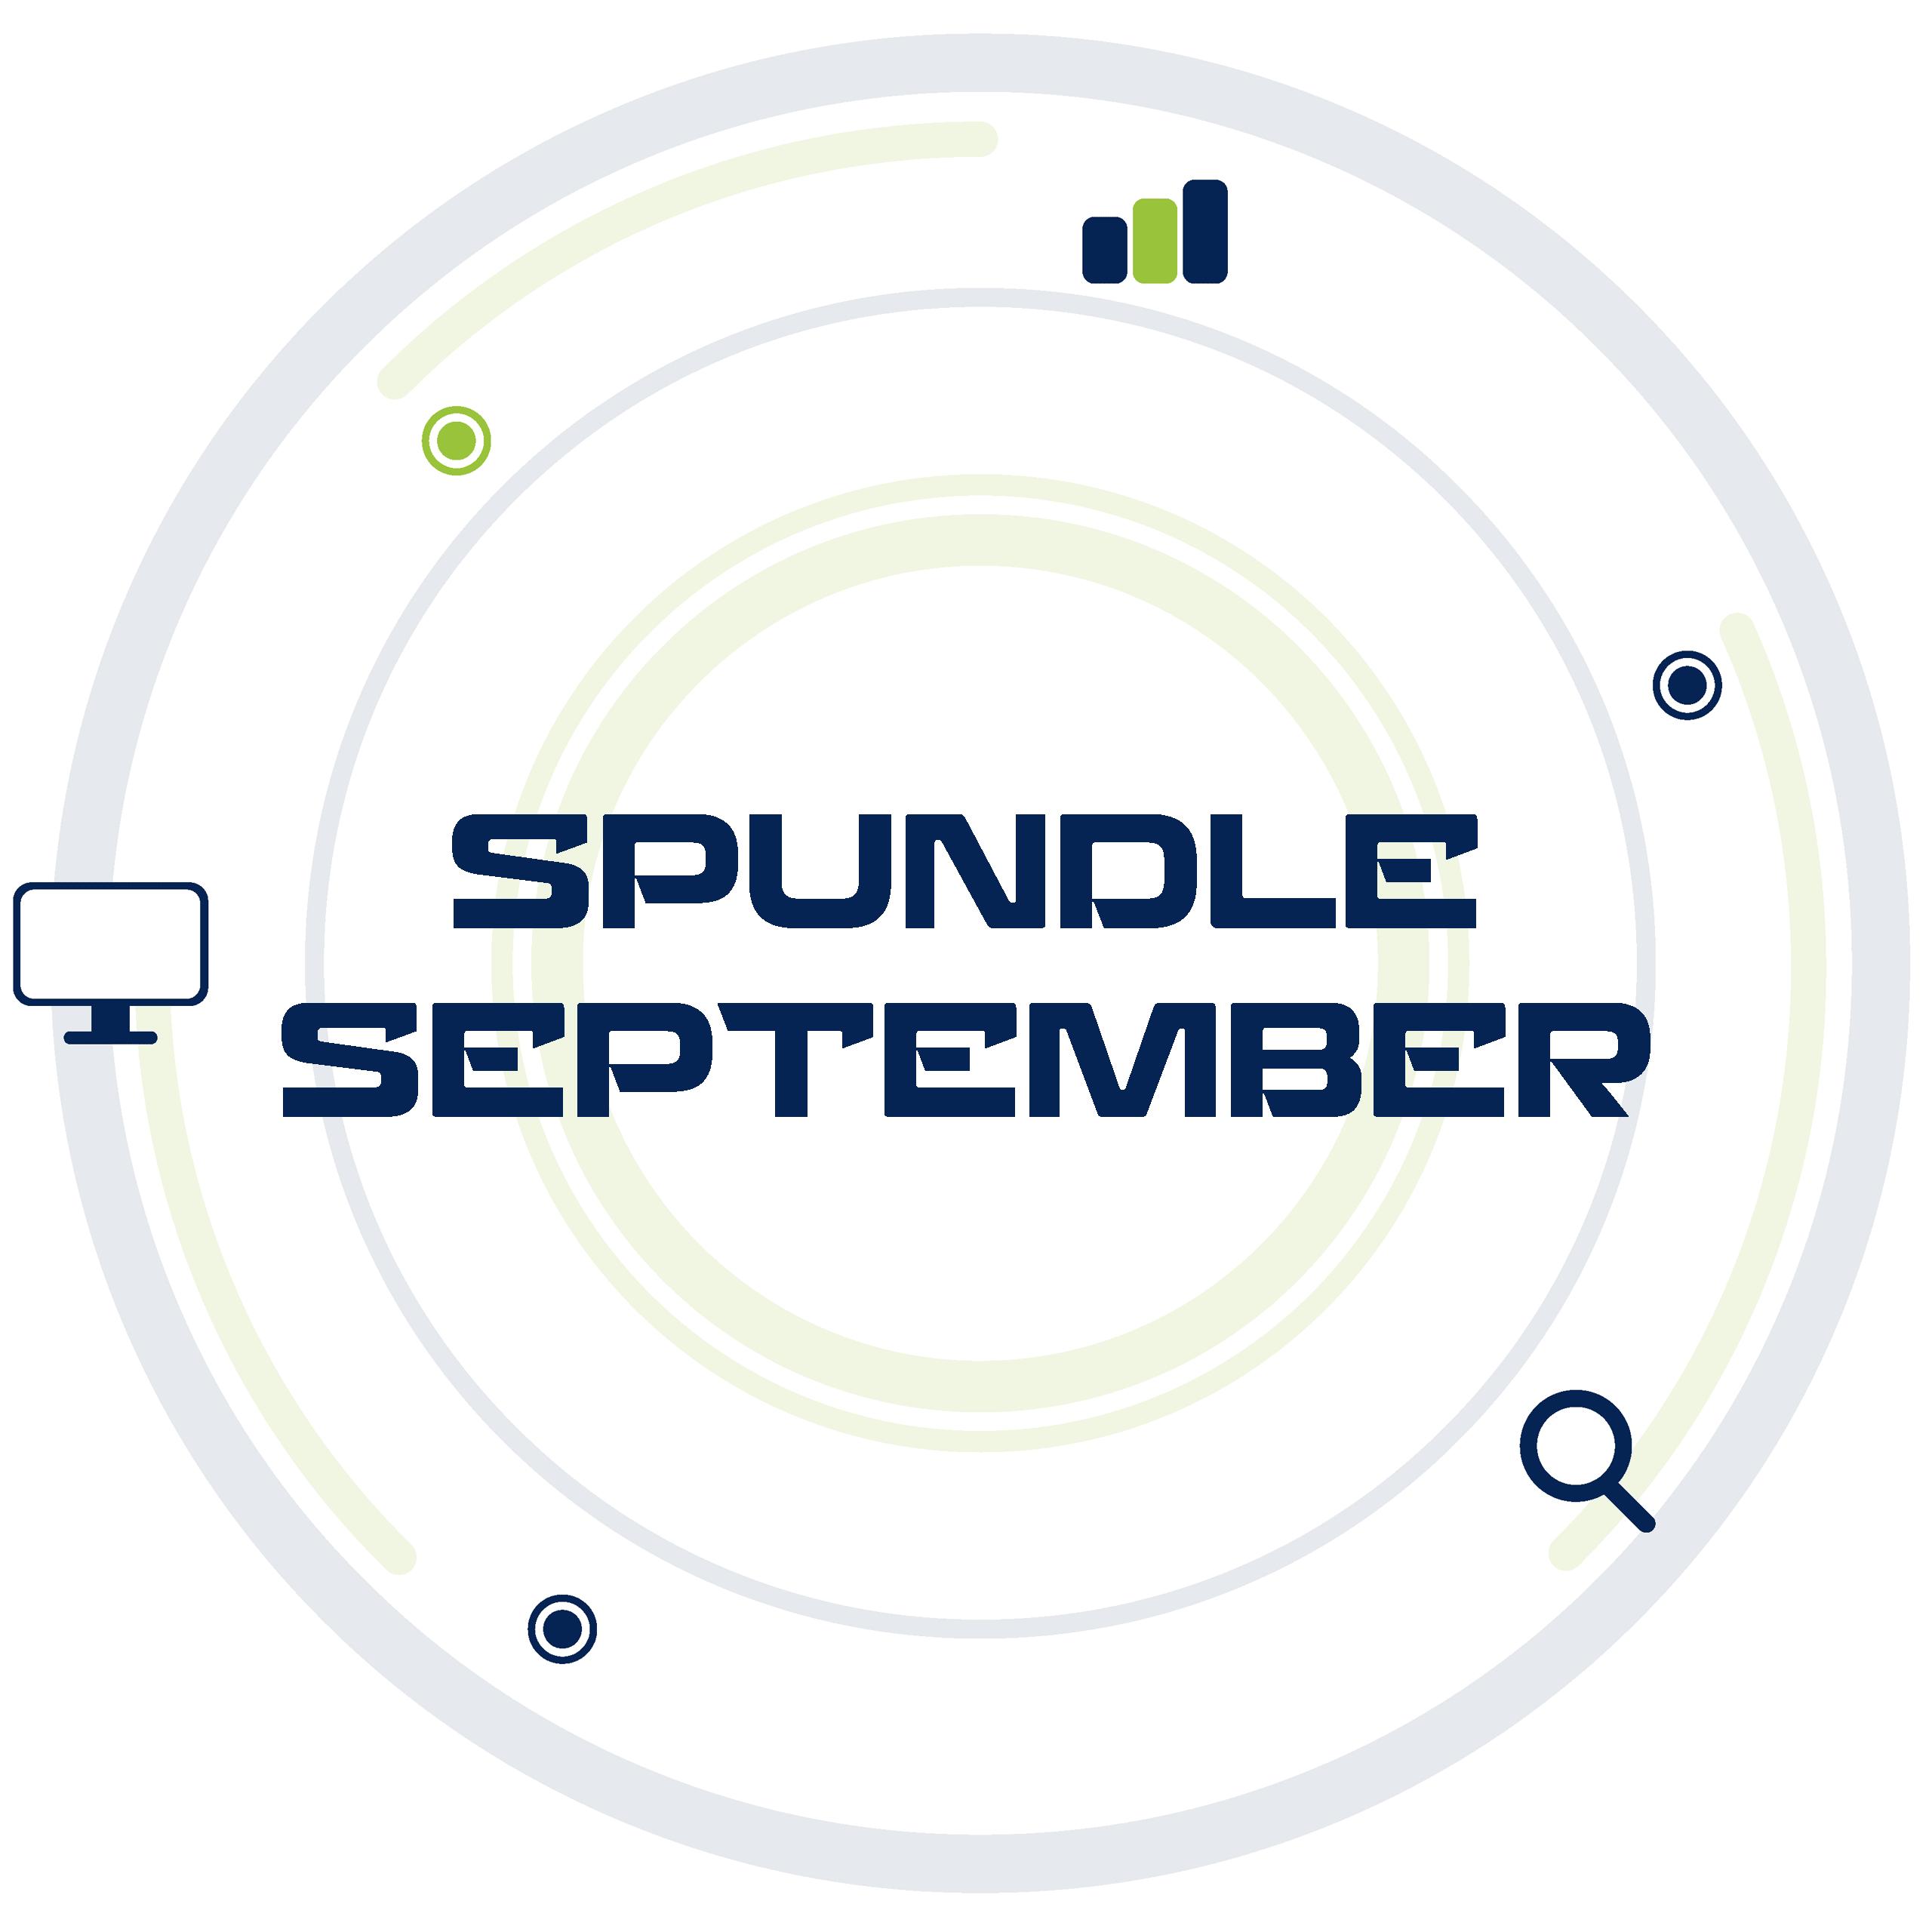 SPUNDLE Update – September 2020 image